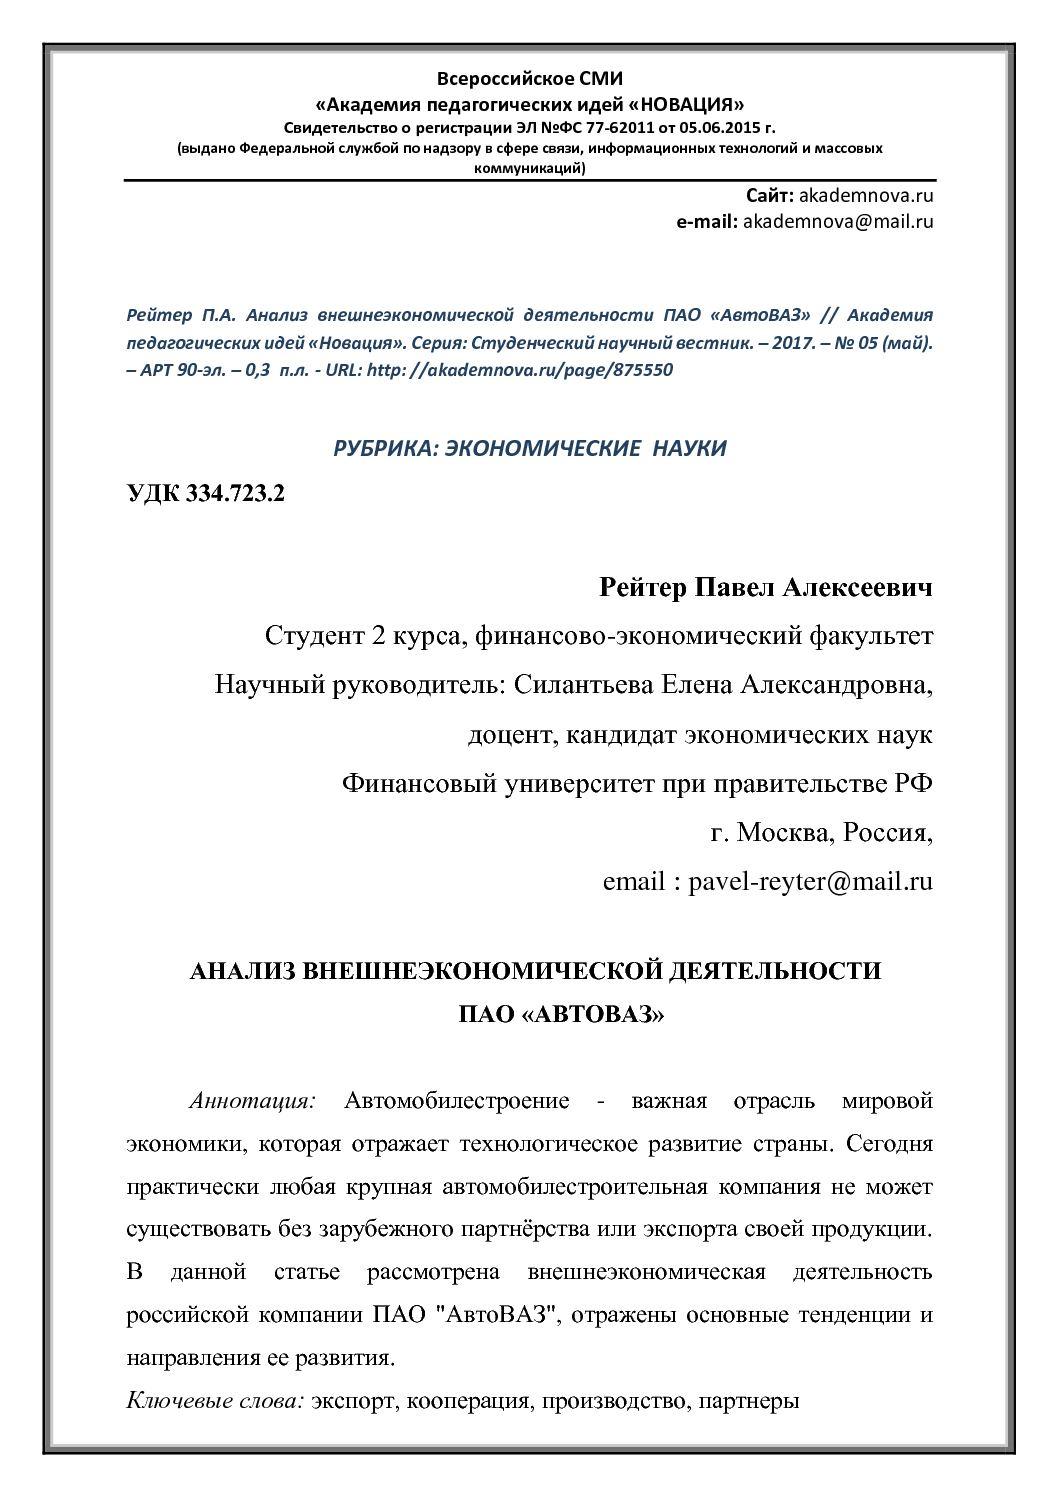 Рейтер П.А. Анализ внешнеэкономической деятельности ПАО «АвтоВАЗ»